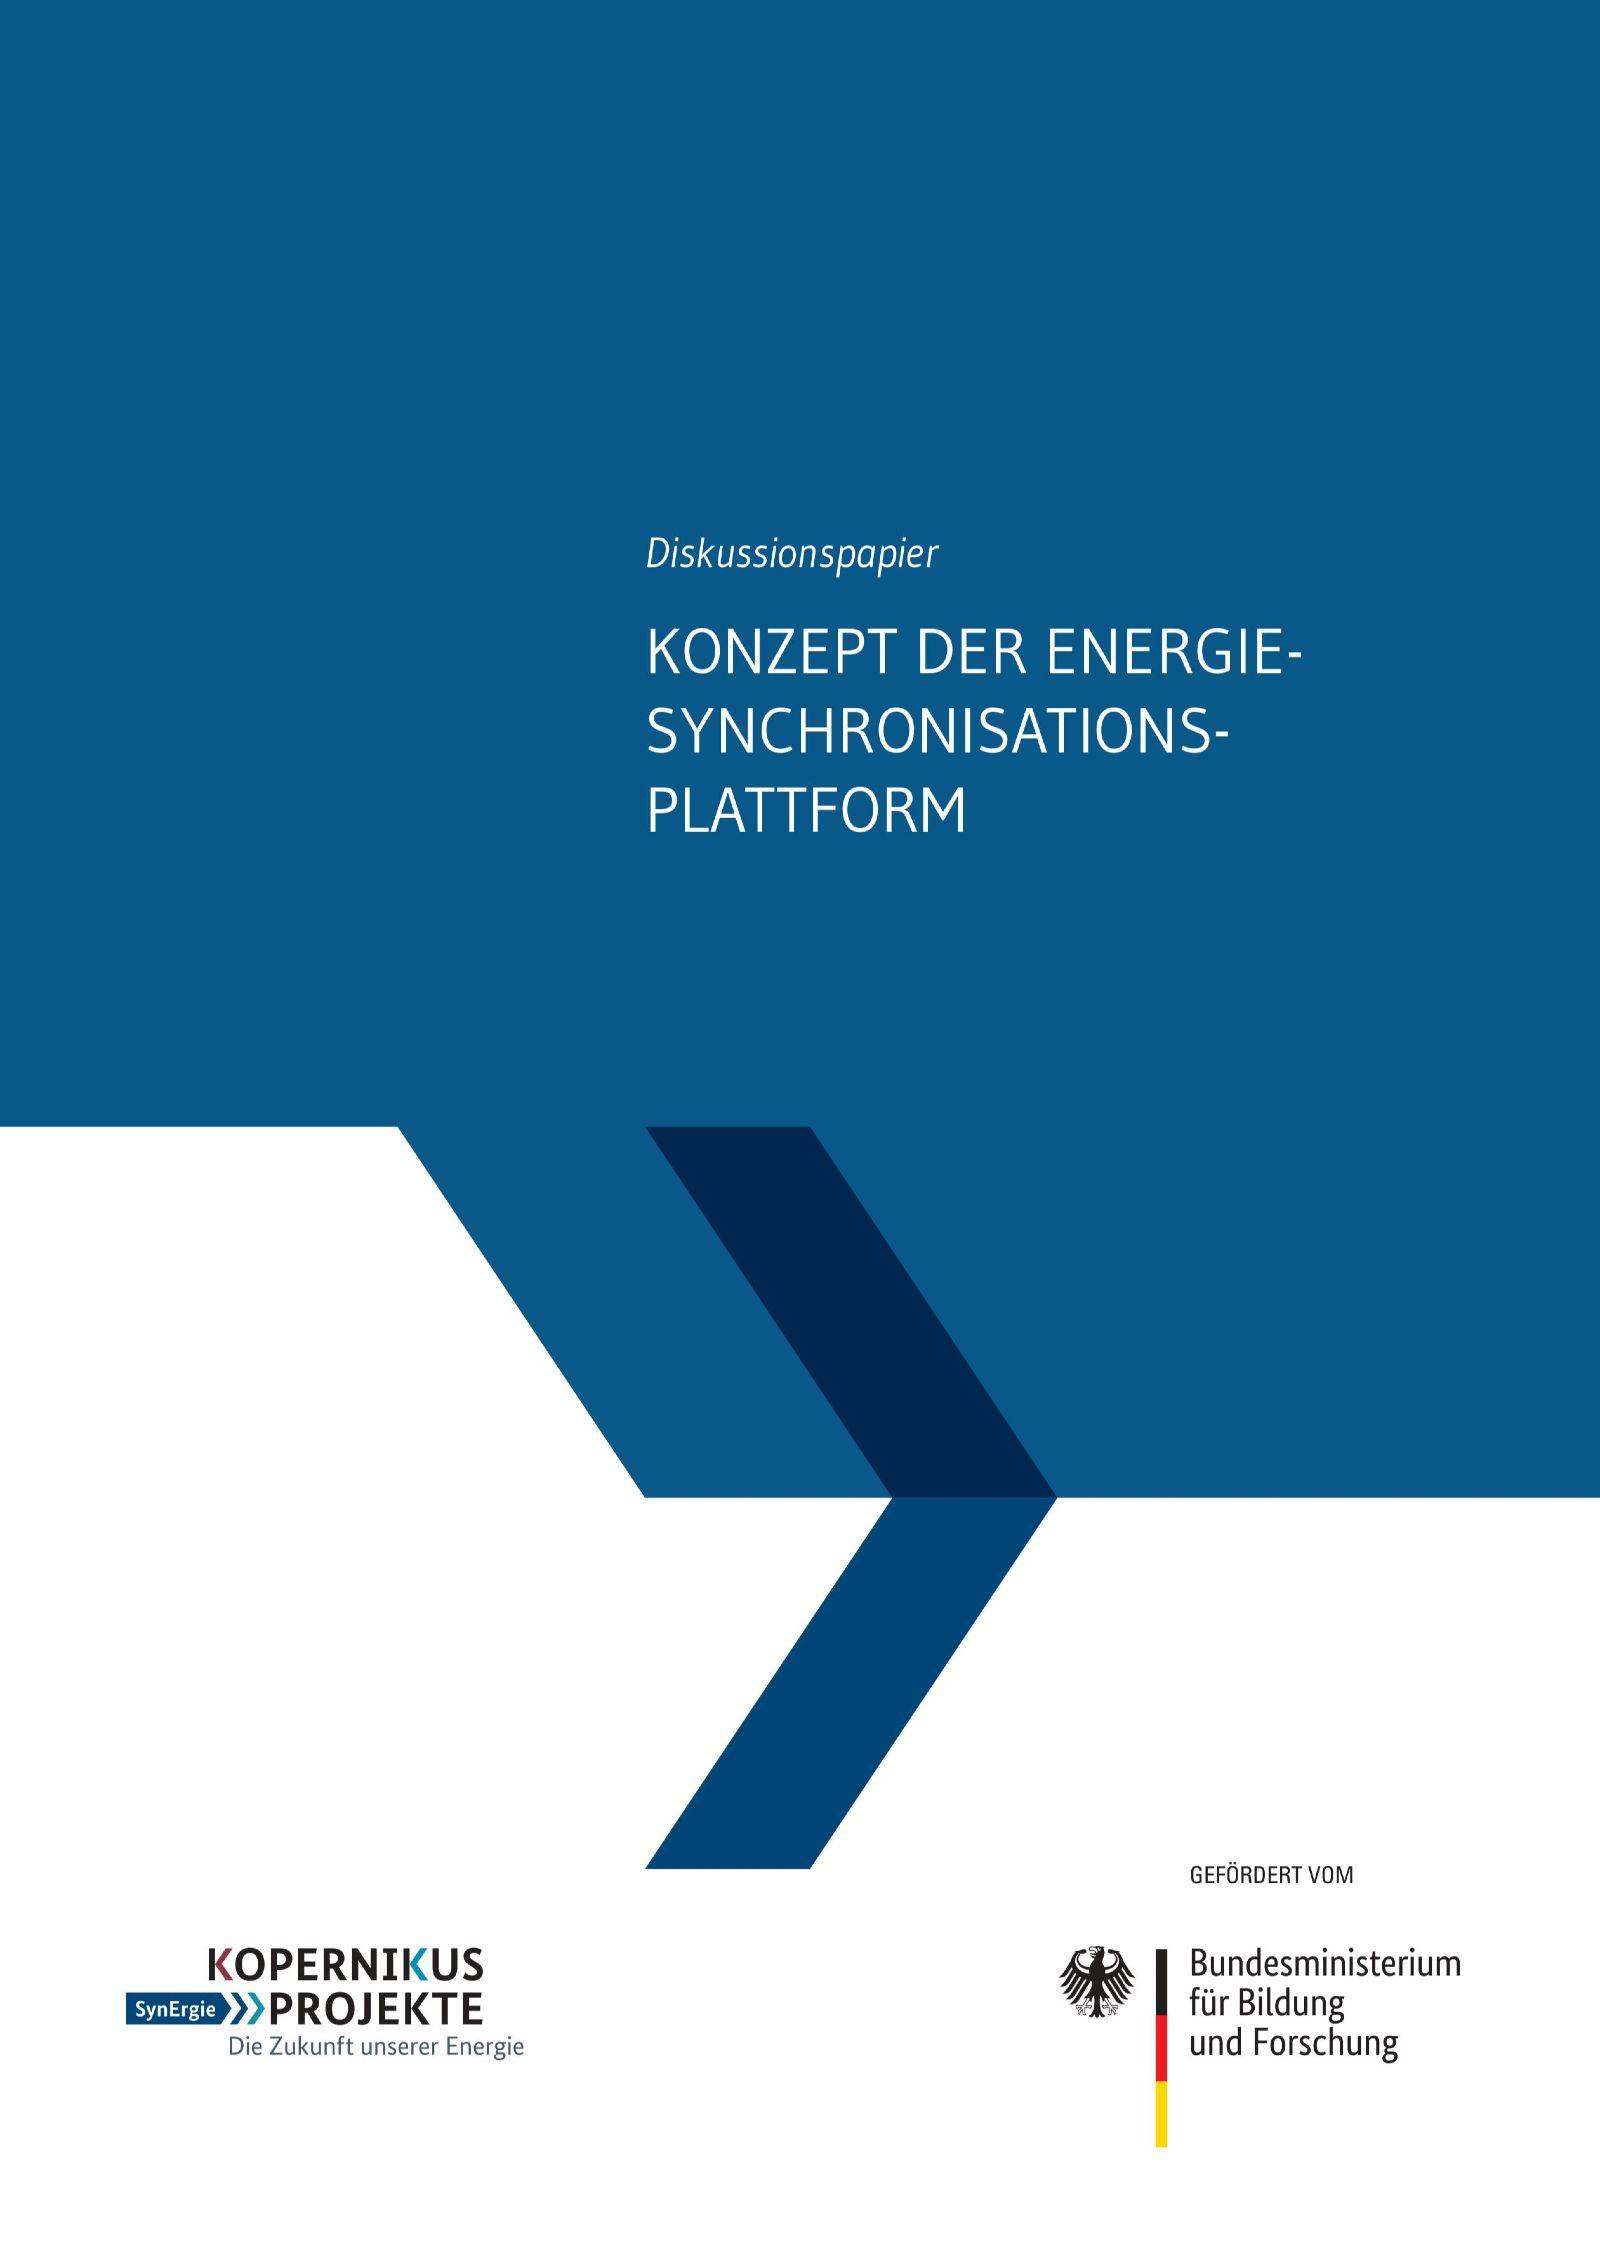 Das Bild zeigt das Cover des SynErgie-Diskussionspapier zur Digitalisierung in der Flexibilisierung.